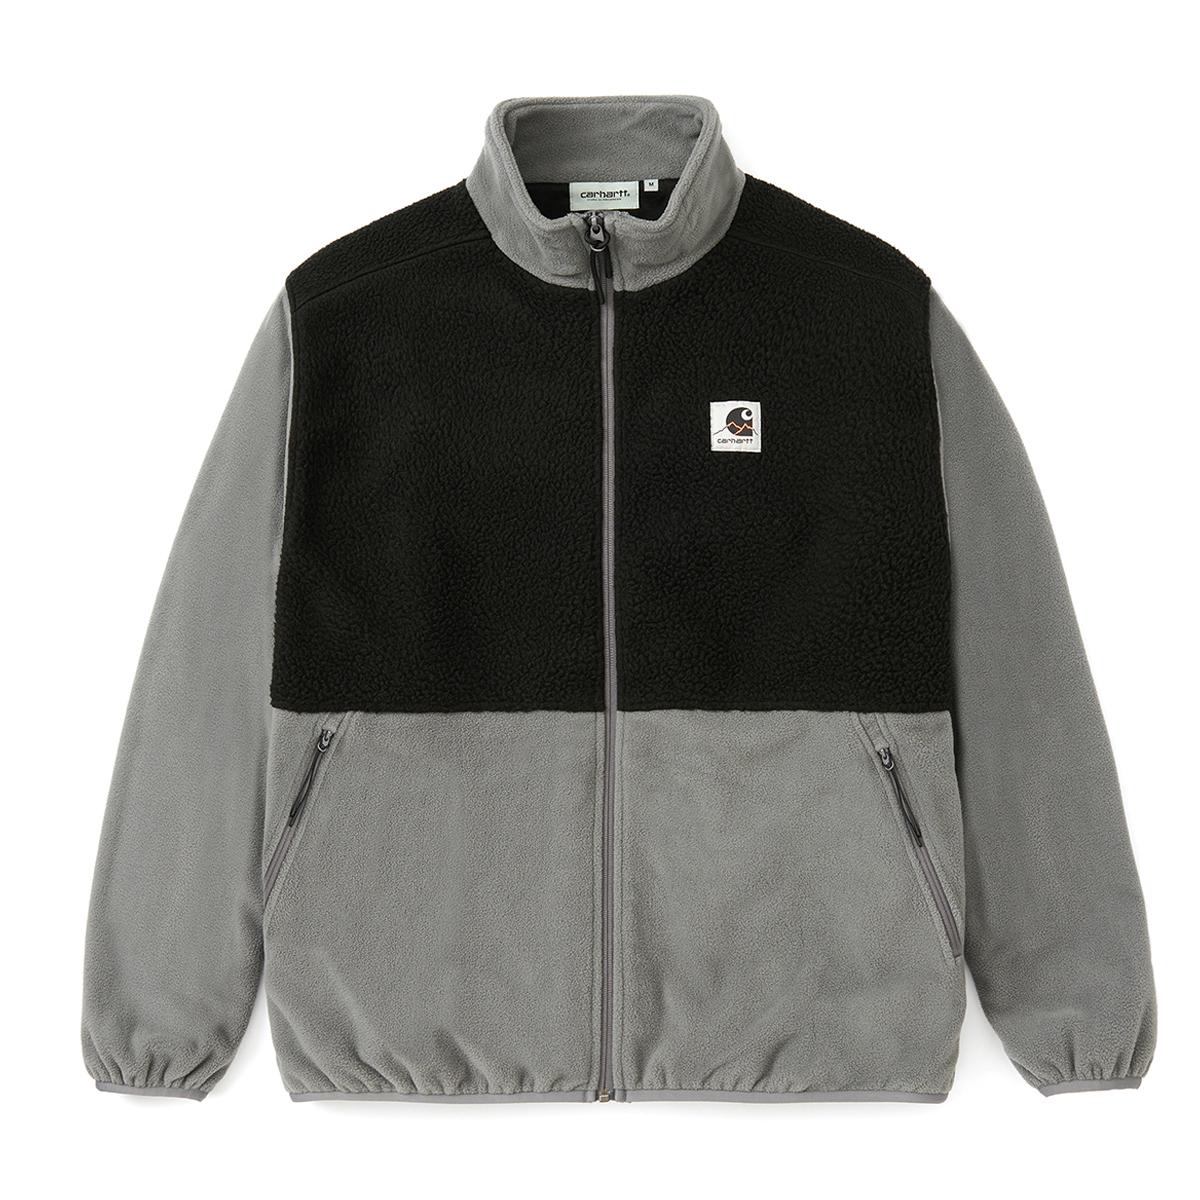 Outdoor C Jacket